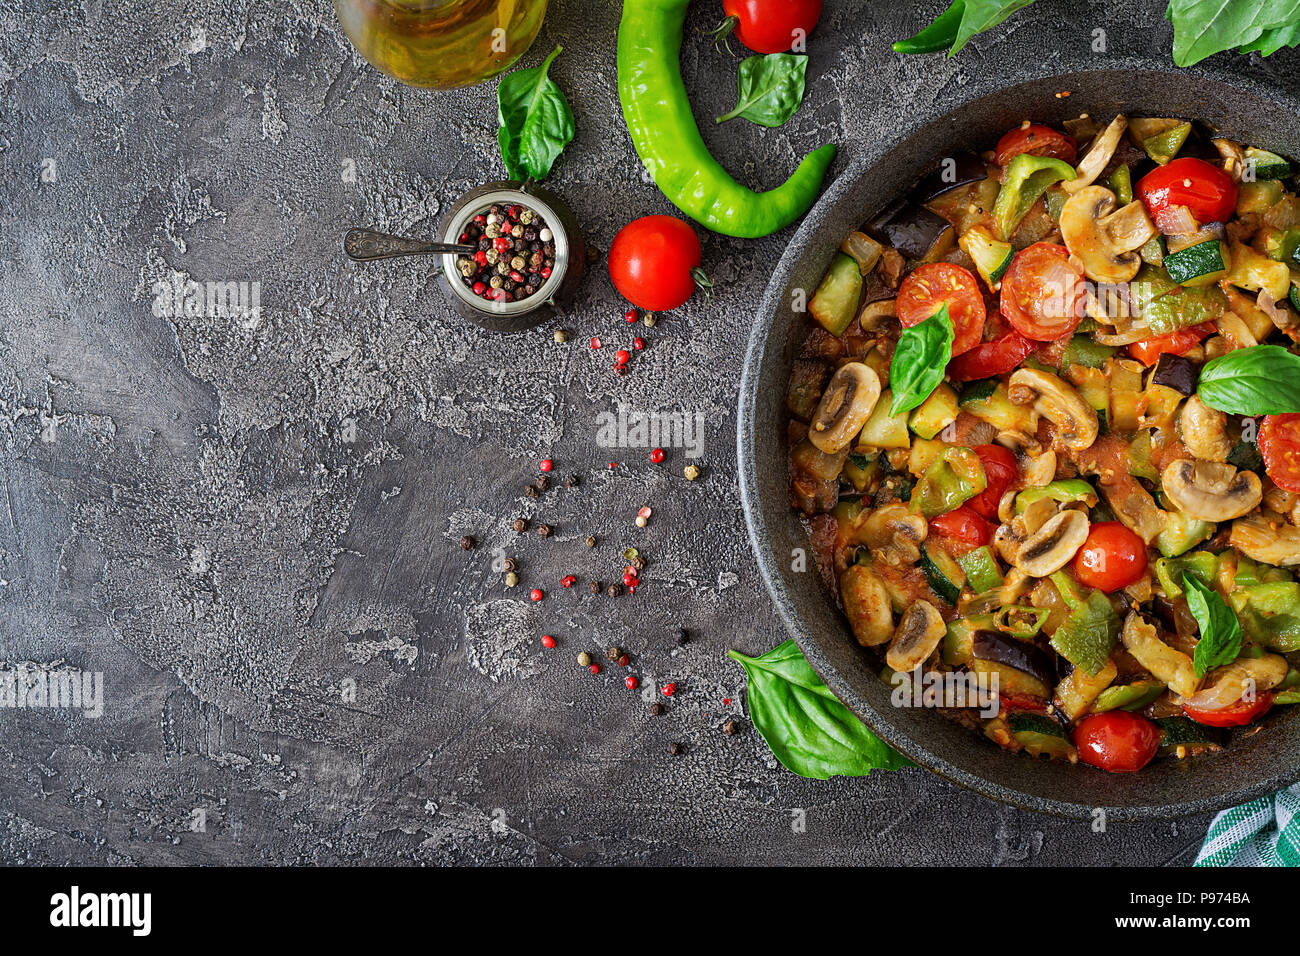 Guisado picante, pimiento, berenjena, tomate, calabacín y setas. Sentar planas. Vista superior Imagen De Stock